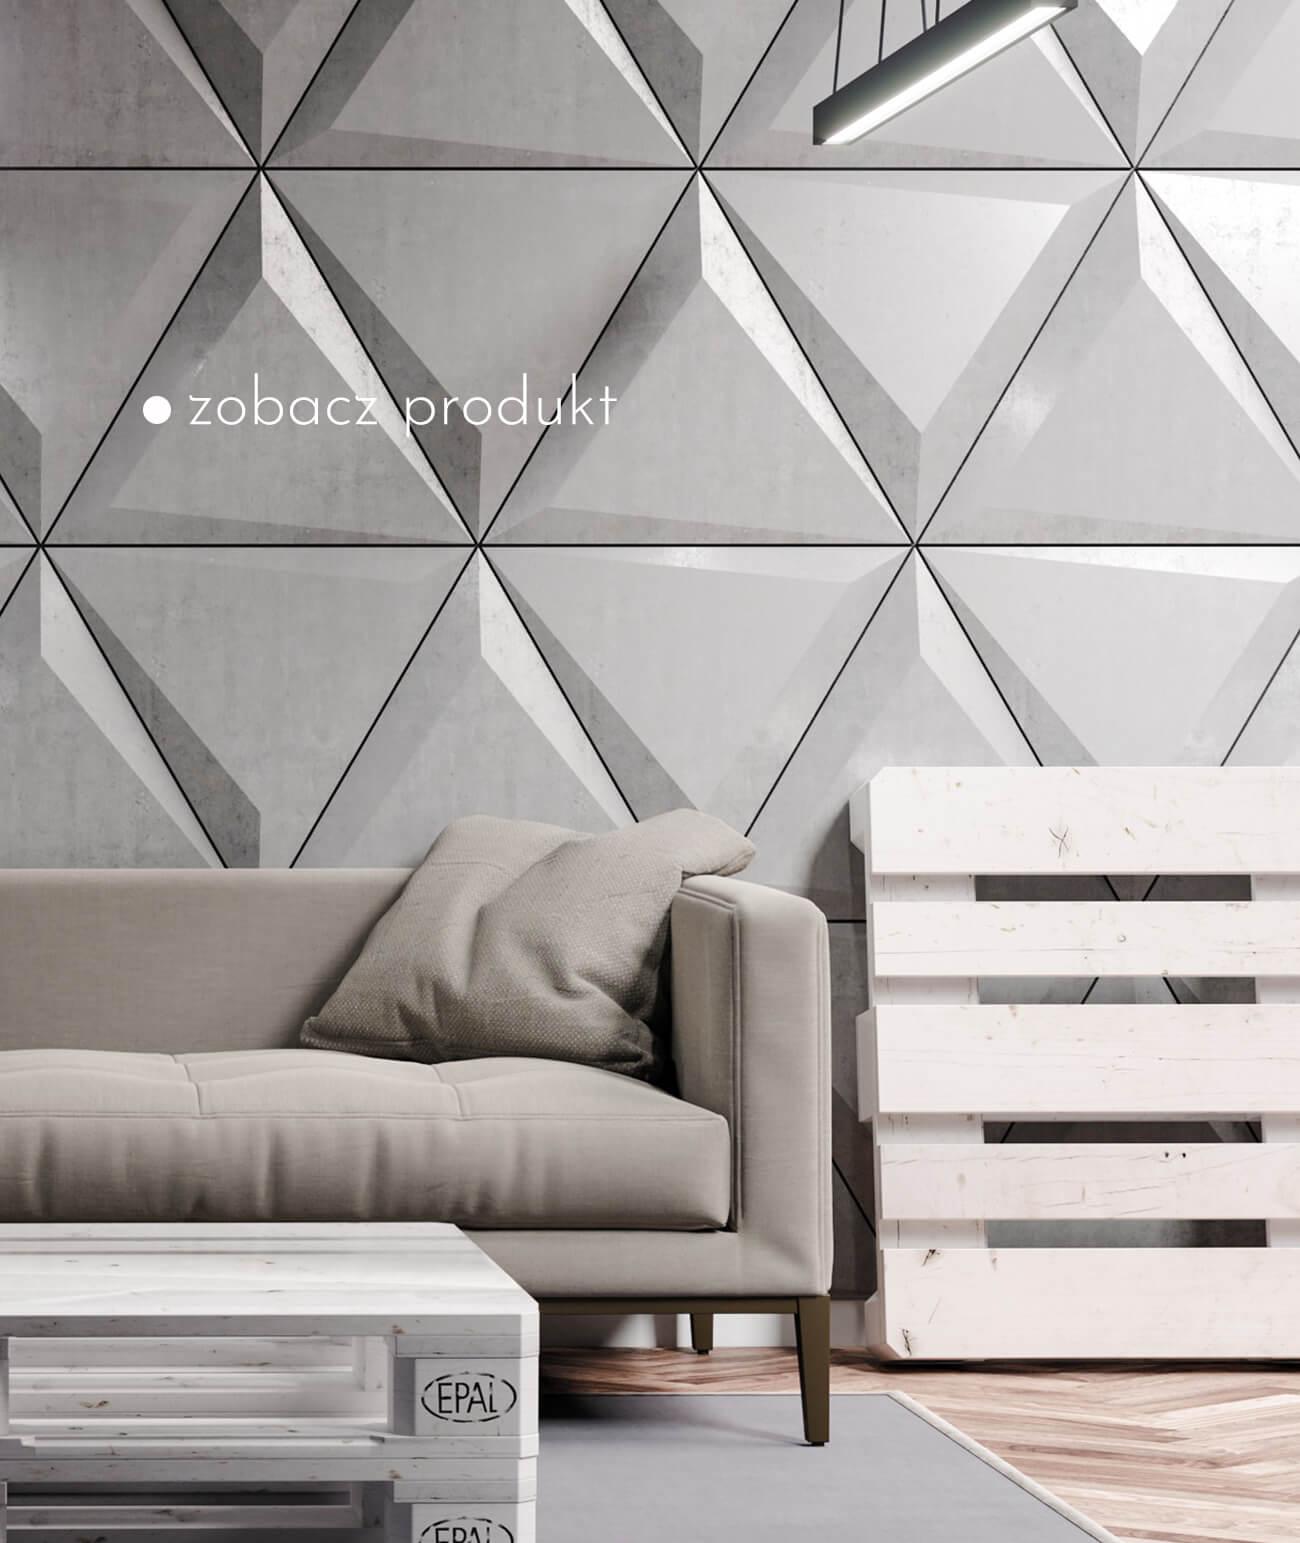 panele-betonowe-3d-scienne-i-elewacyjne-beton-architektoniczny_404-2234-pb36-s50-jasny-szary-mysi-triangle---panel-dekor-3d-beton-architektoniczny-panel-scienny